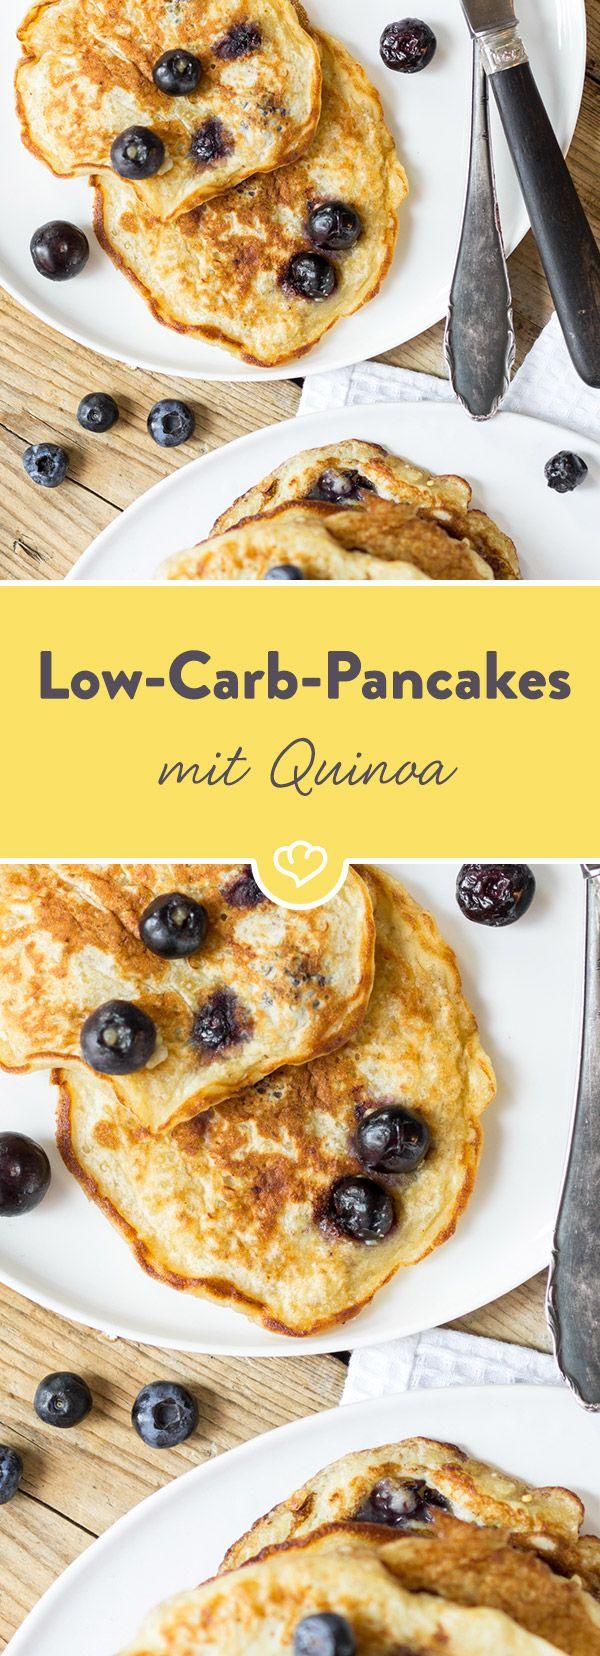 Und auf einmal ist Quinoa überall. Mit Blaubeeren, Limette und griechischem Joghurt im Pancake besonders lecker. Und besonders low carb.